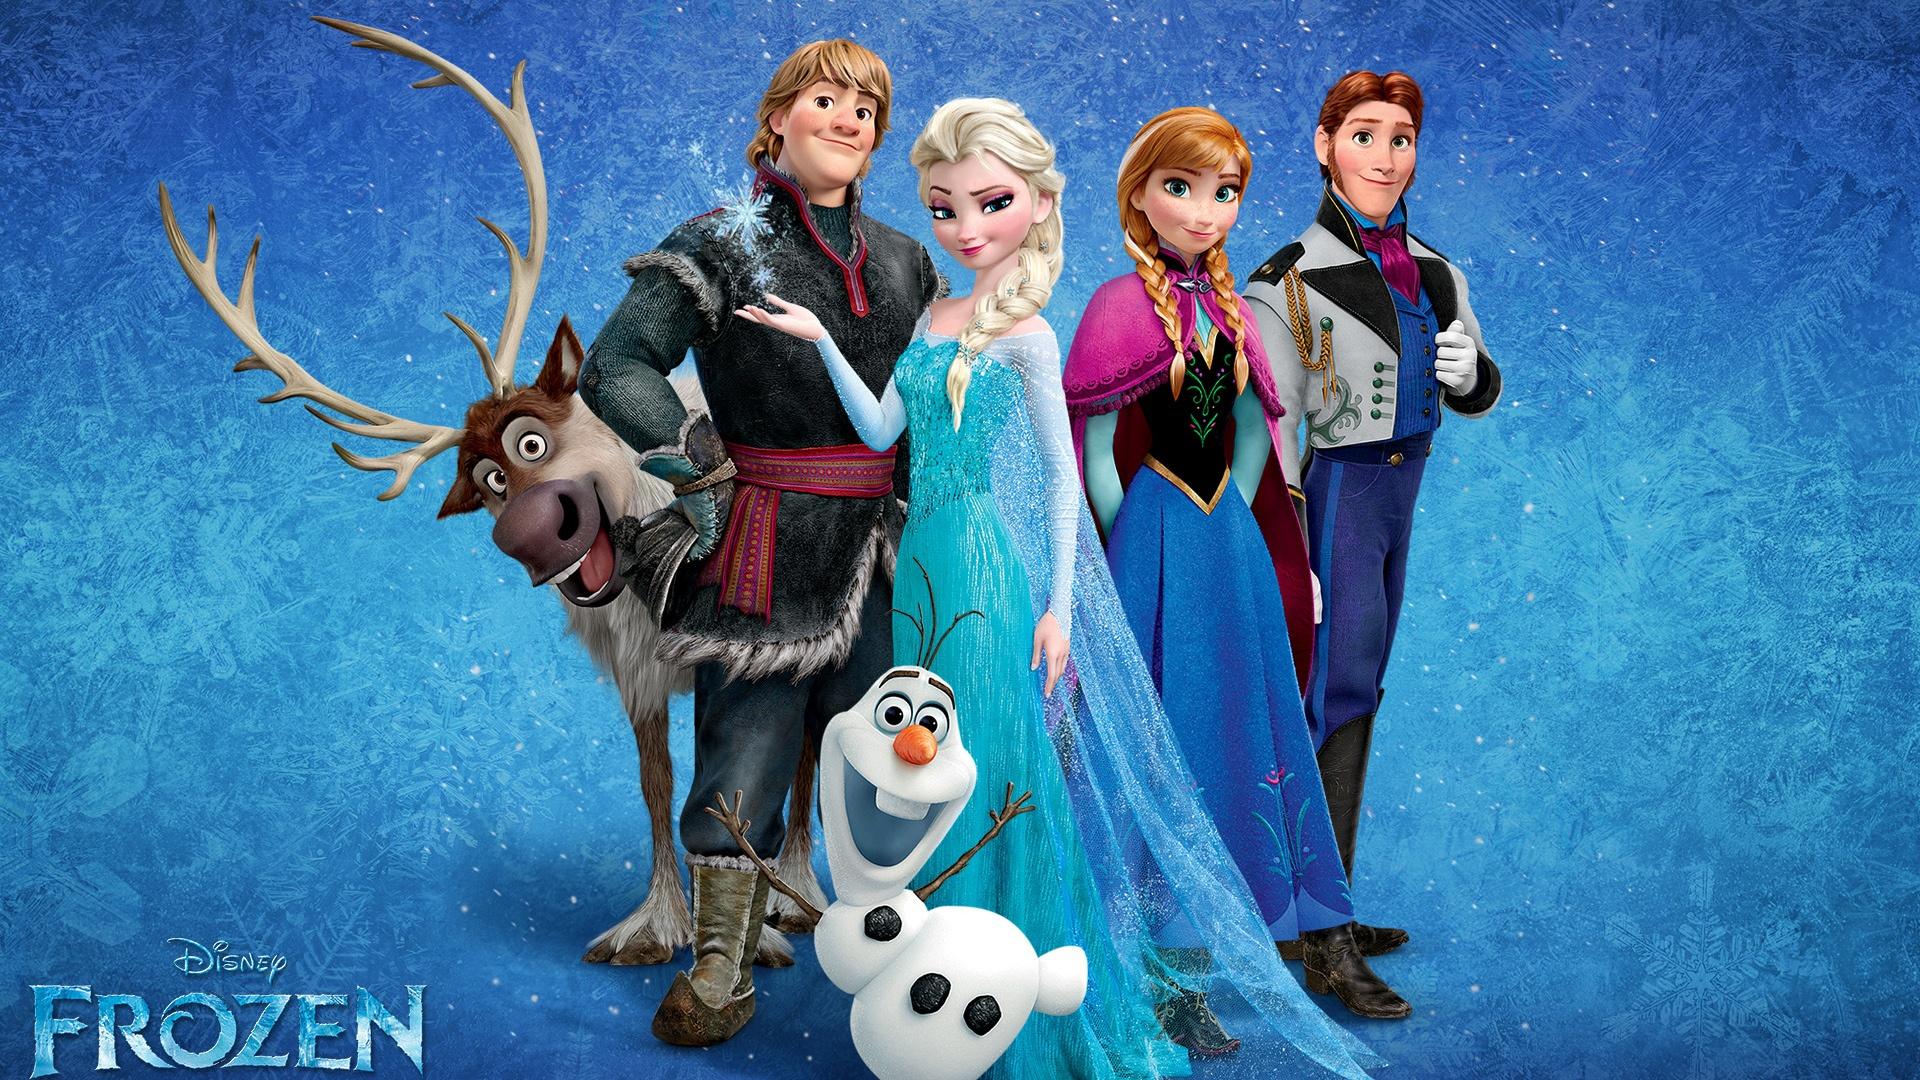 Frozen 2013 Movie Wallpapers